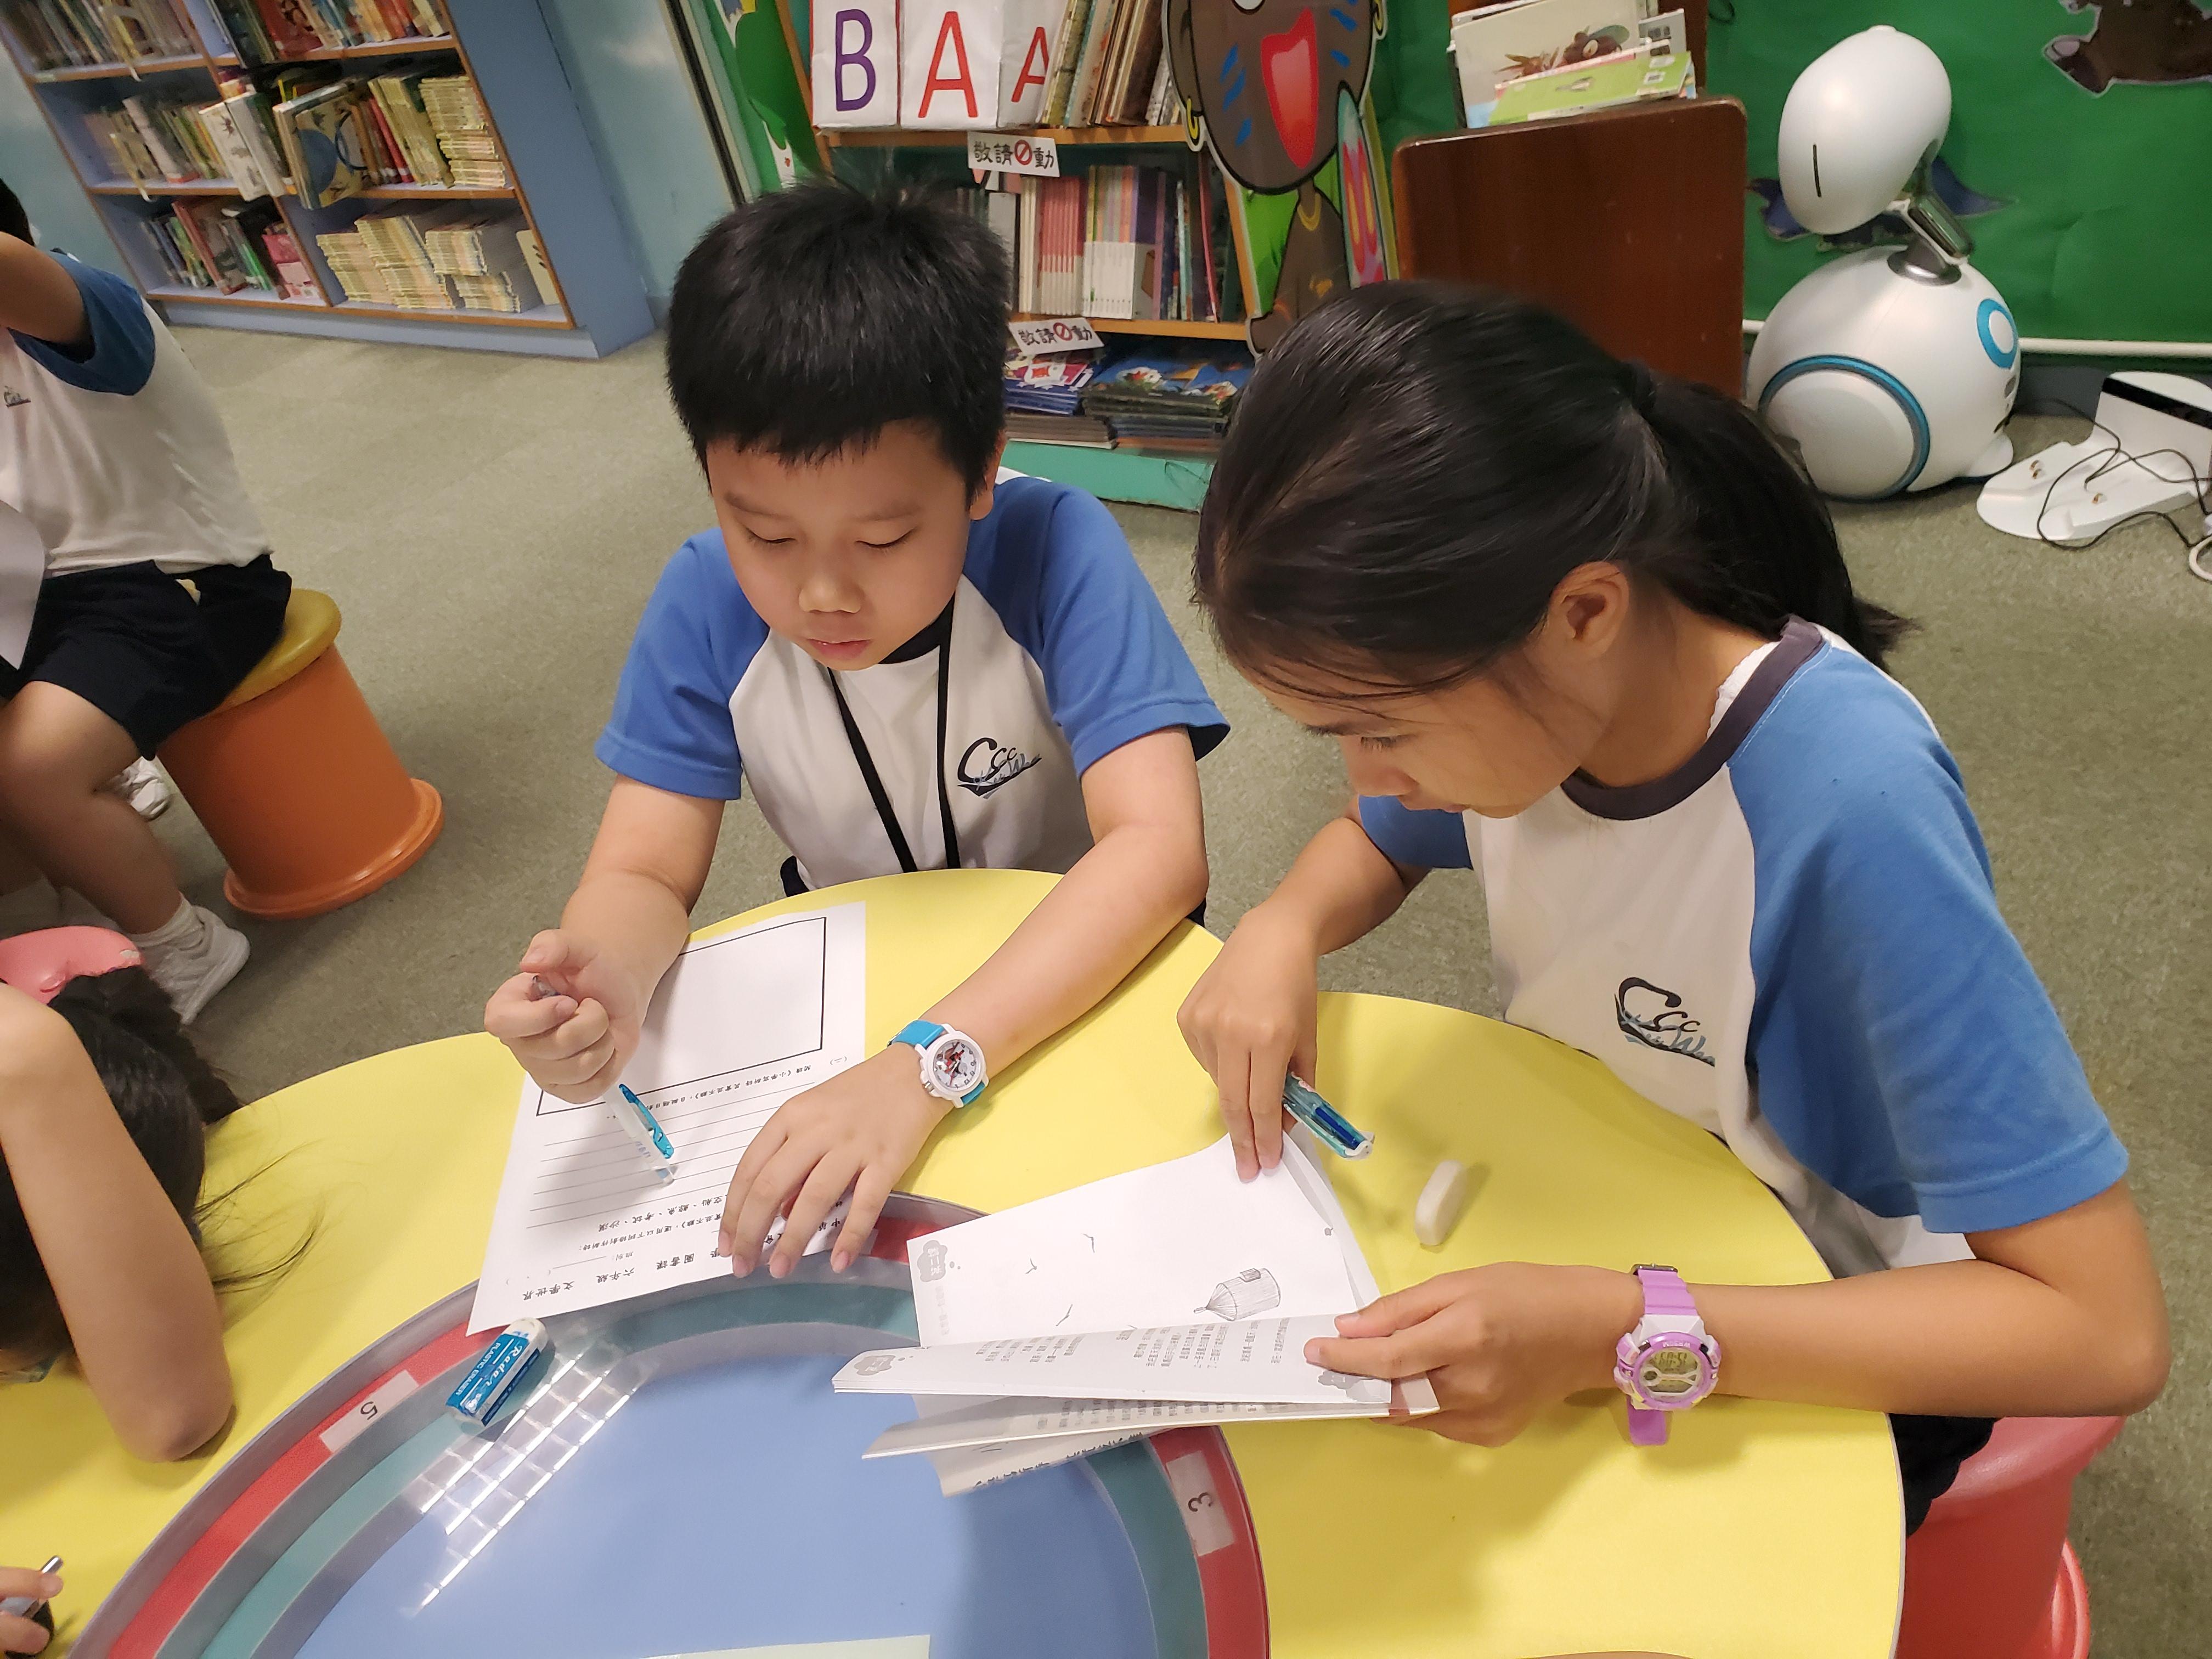 http://www.keiwan.edu.hk/sites/default/files/20191106_150928.jpg